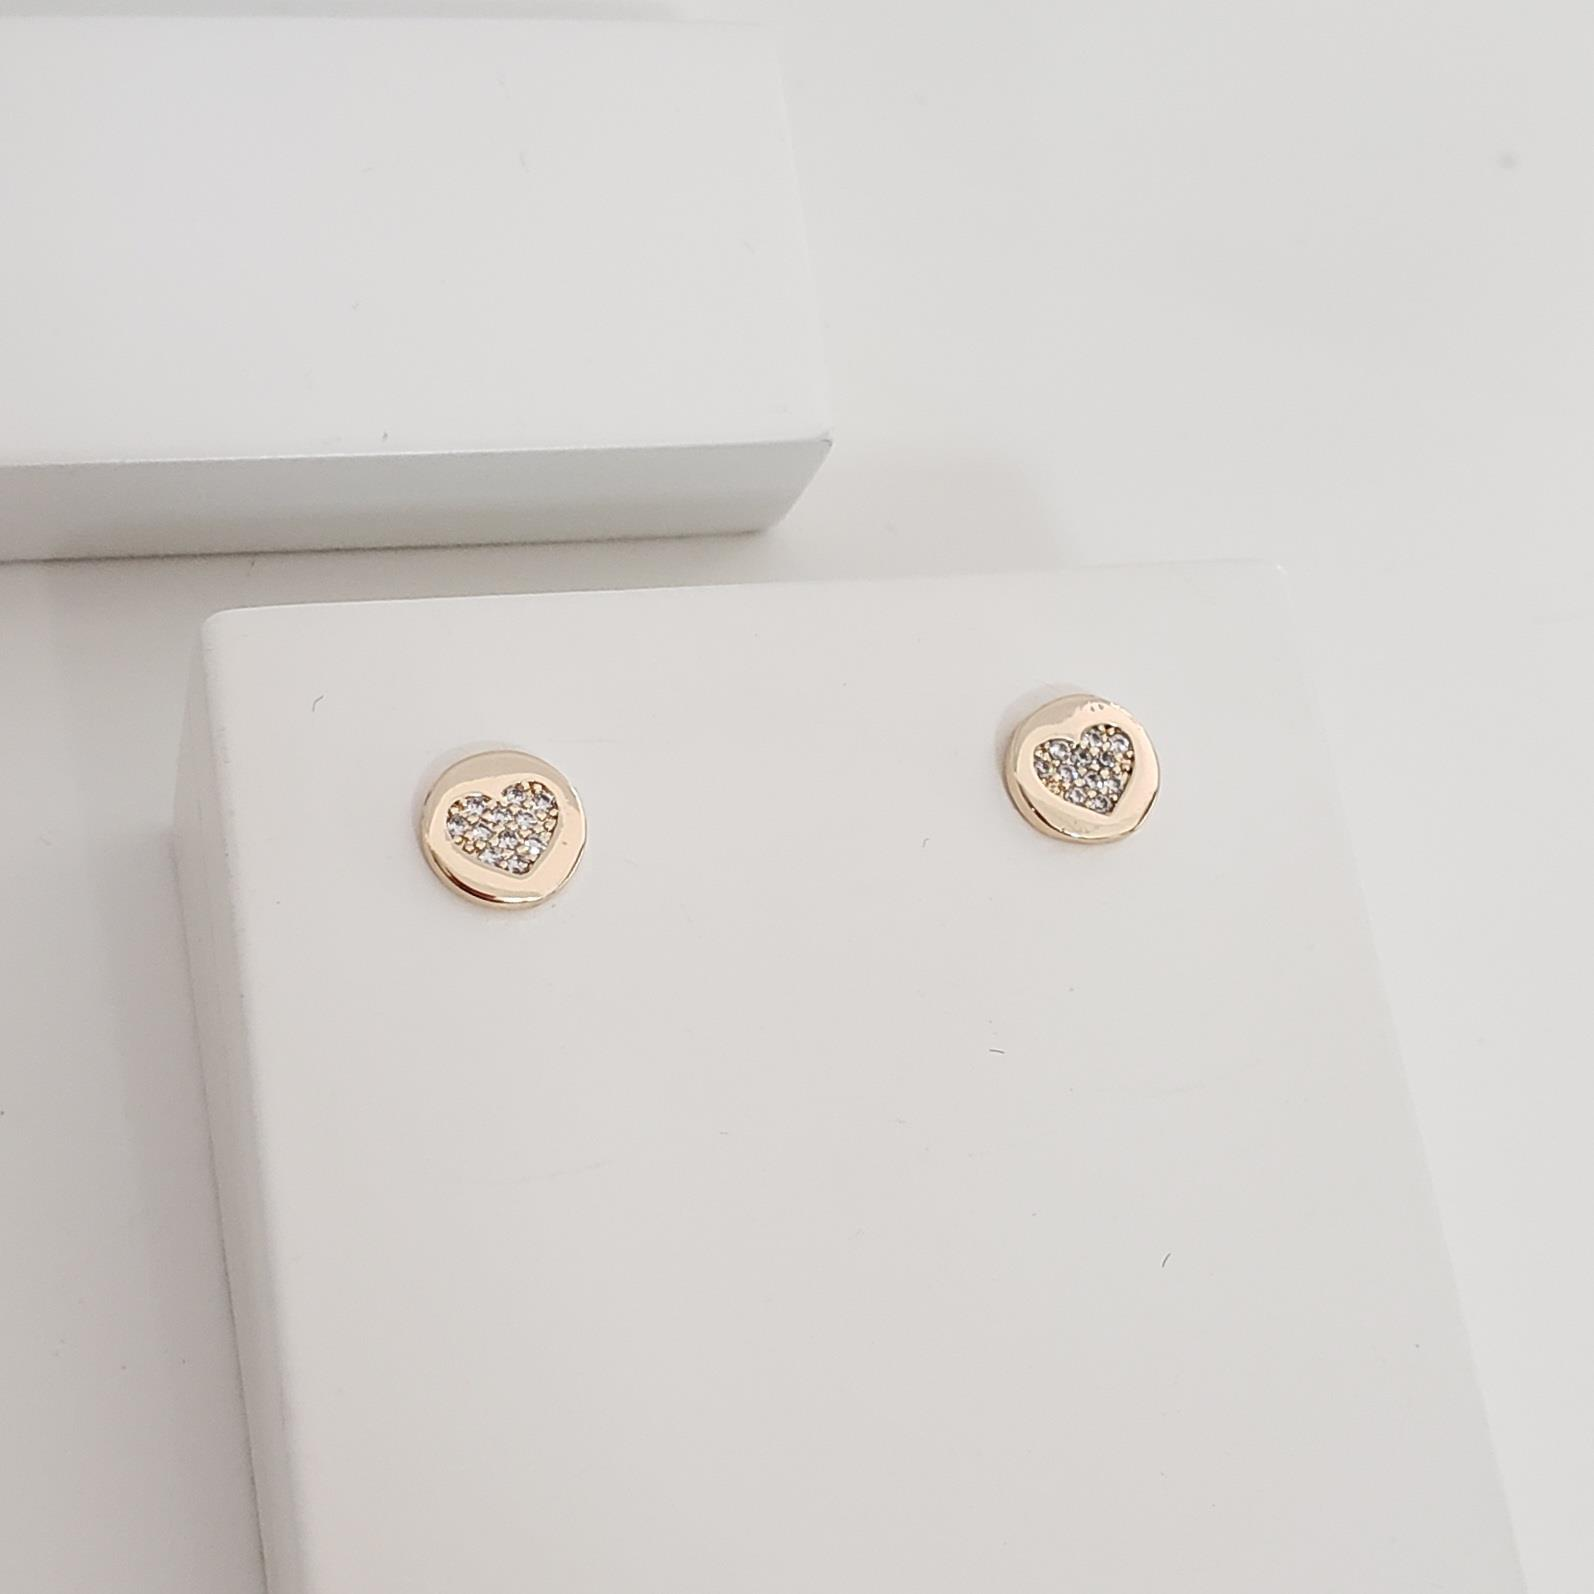 Brinco Botão Redondo com Coração Zircônia no Banho Ouro 18k Semijoia